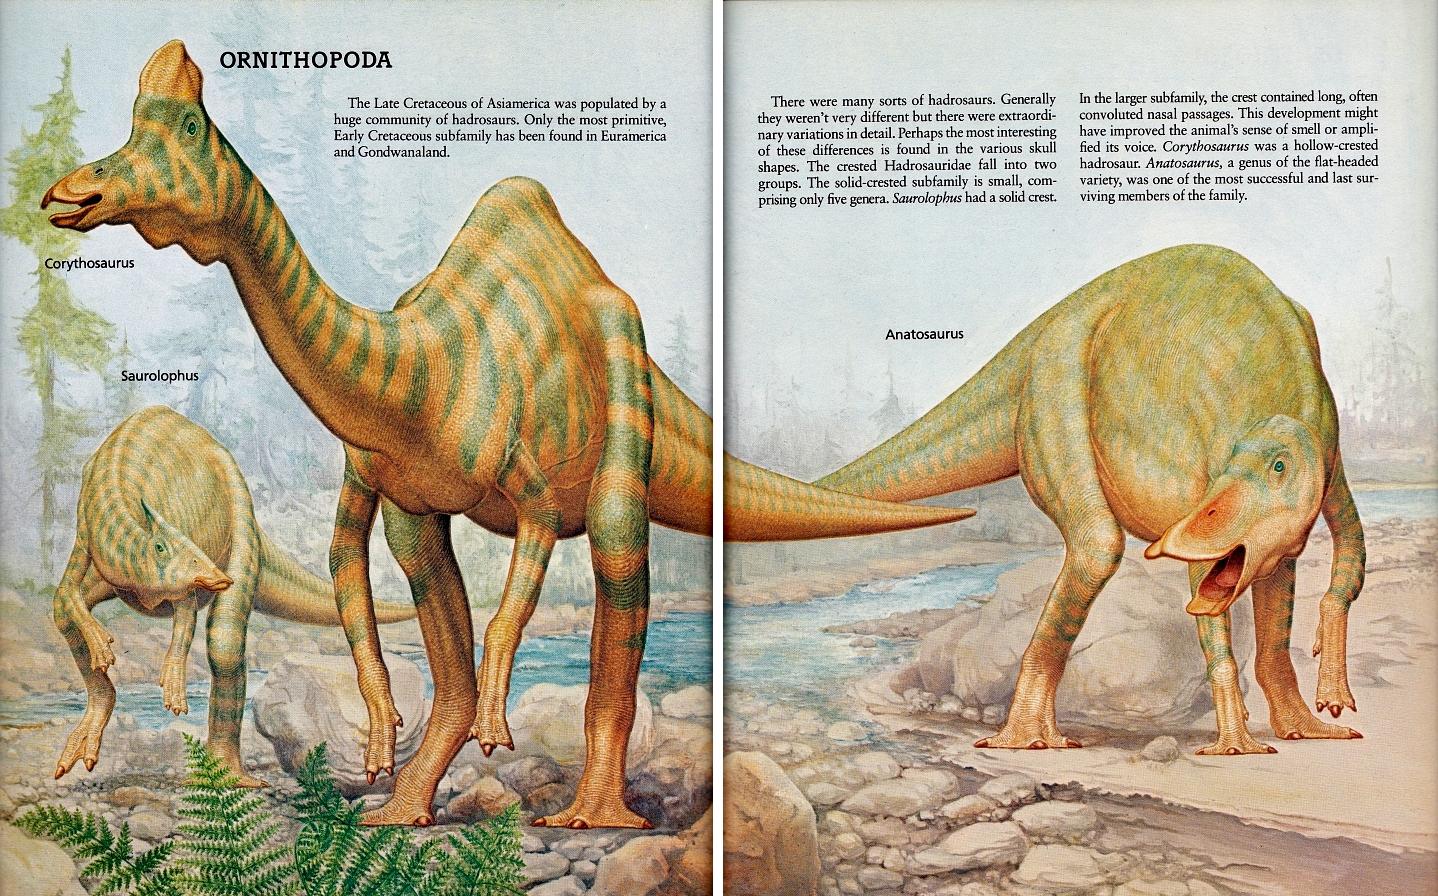 Saurolophus, Corythosaurus, Anatosaurus by Peter Zallinger